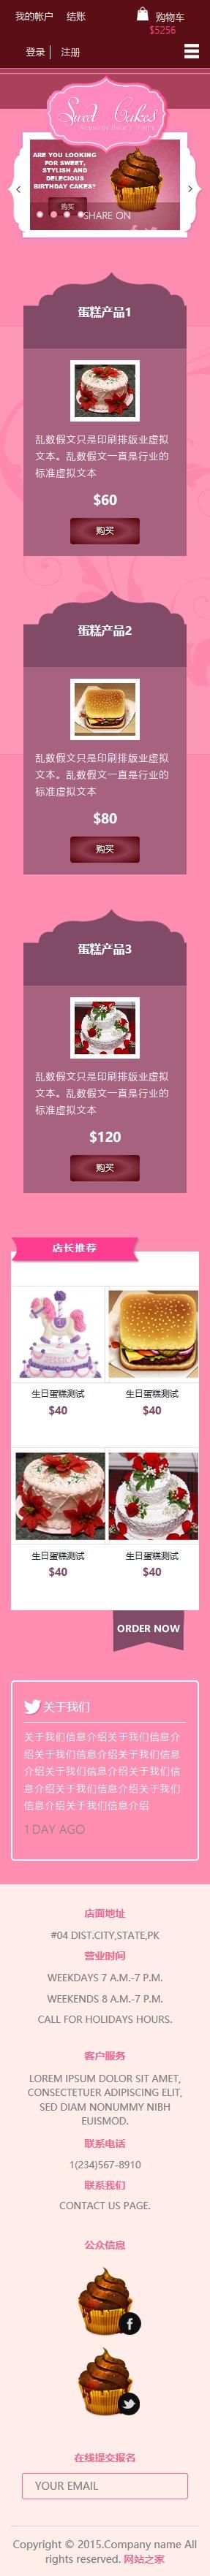 蛋糕店类网上商城模板响应式网站手机图片